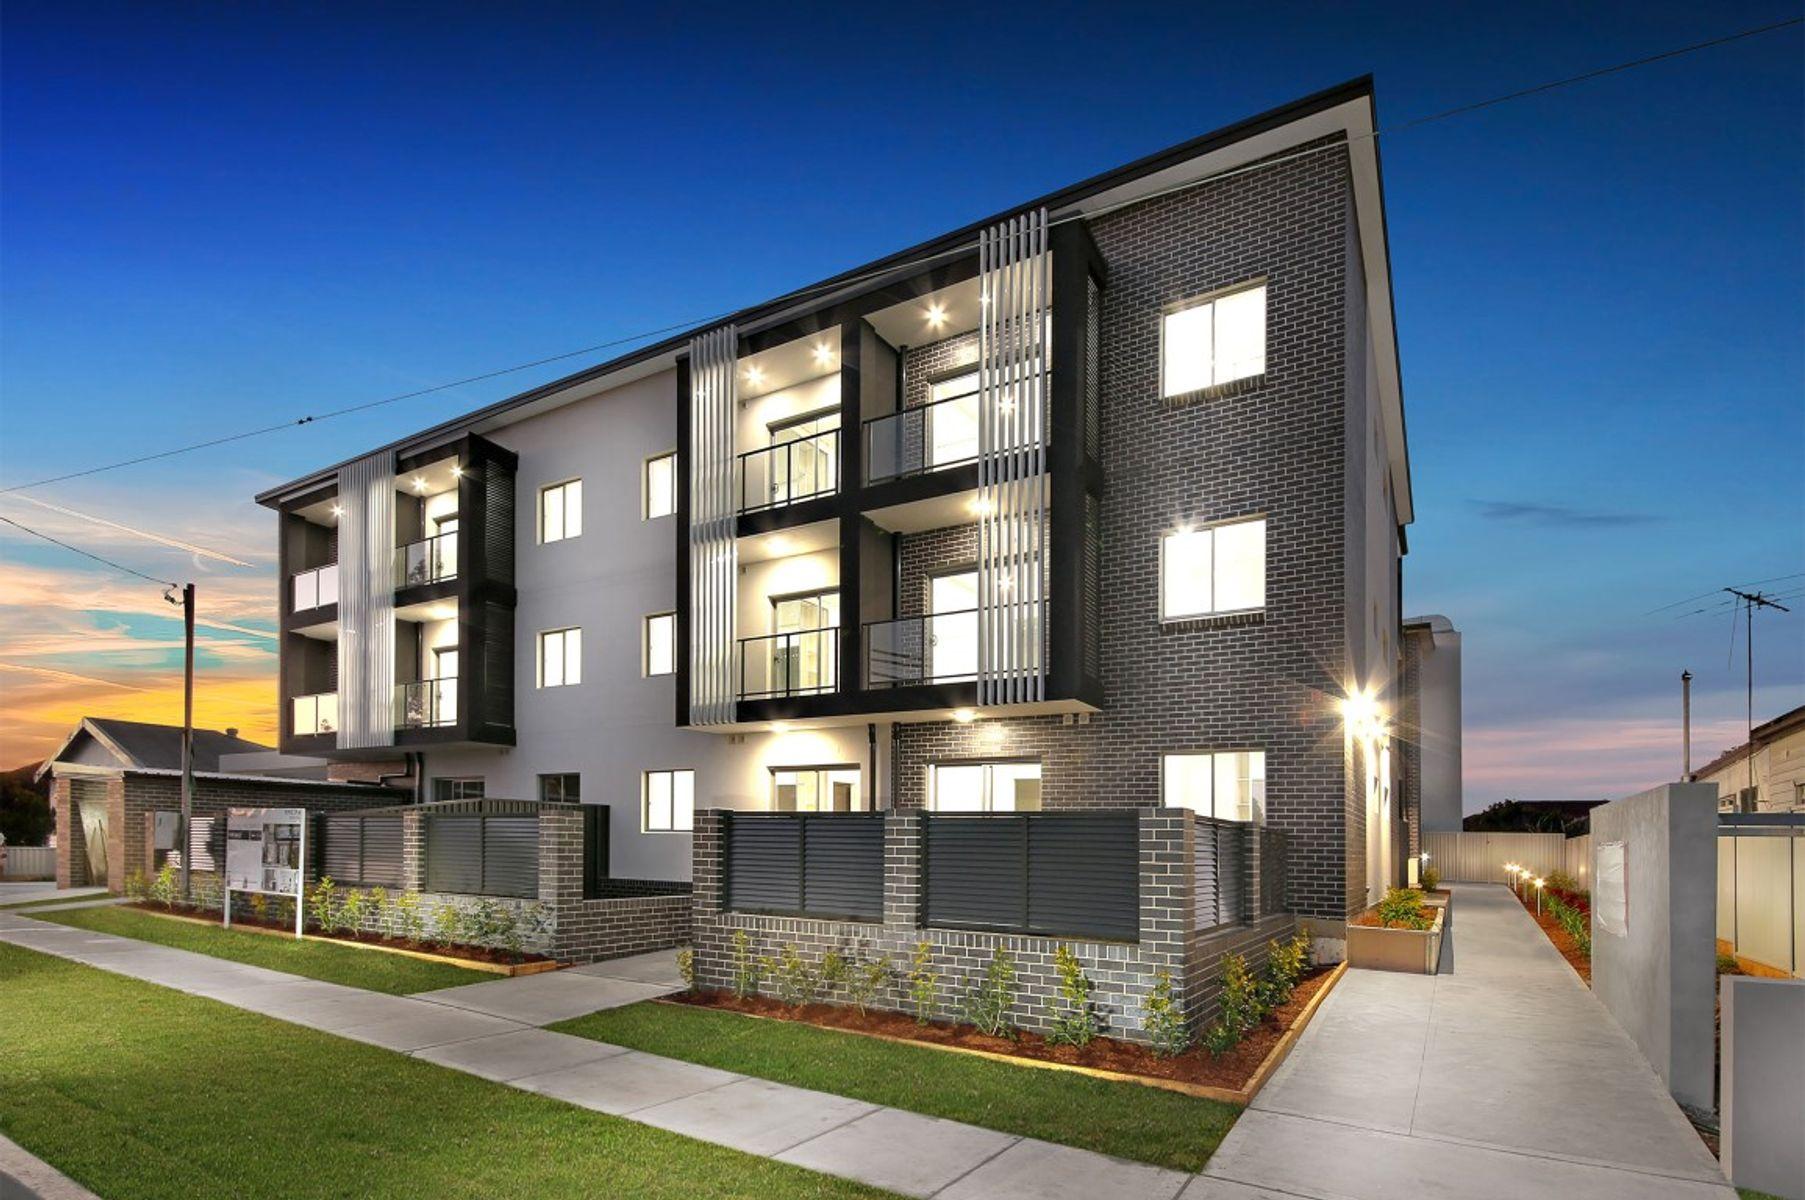 23/5-9 White Avenue, Bankstown, NSW 2200